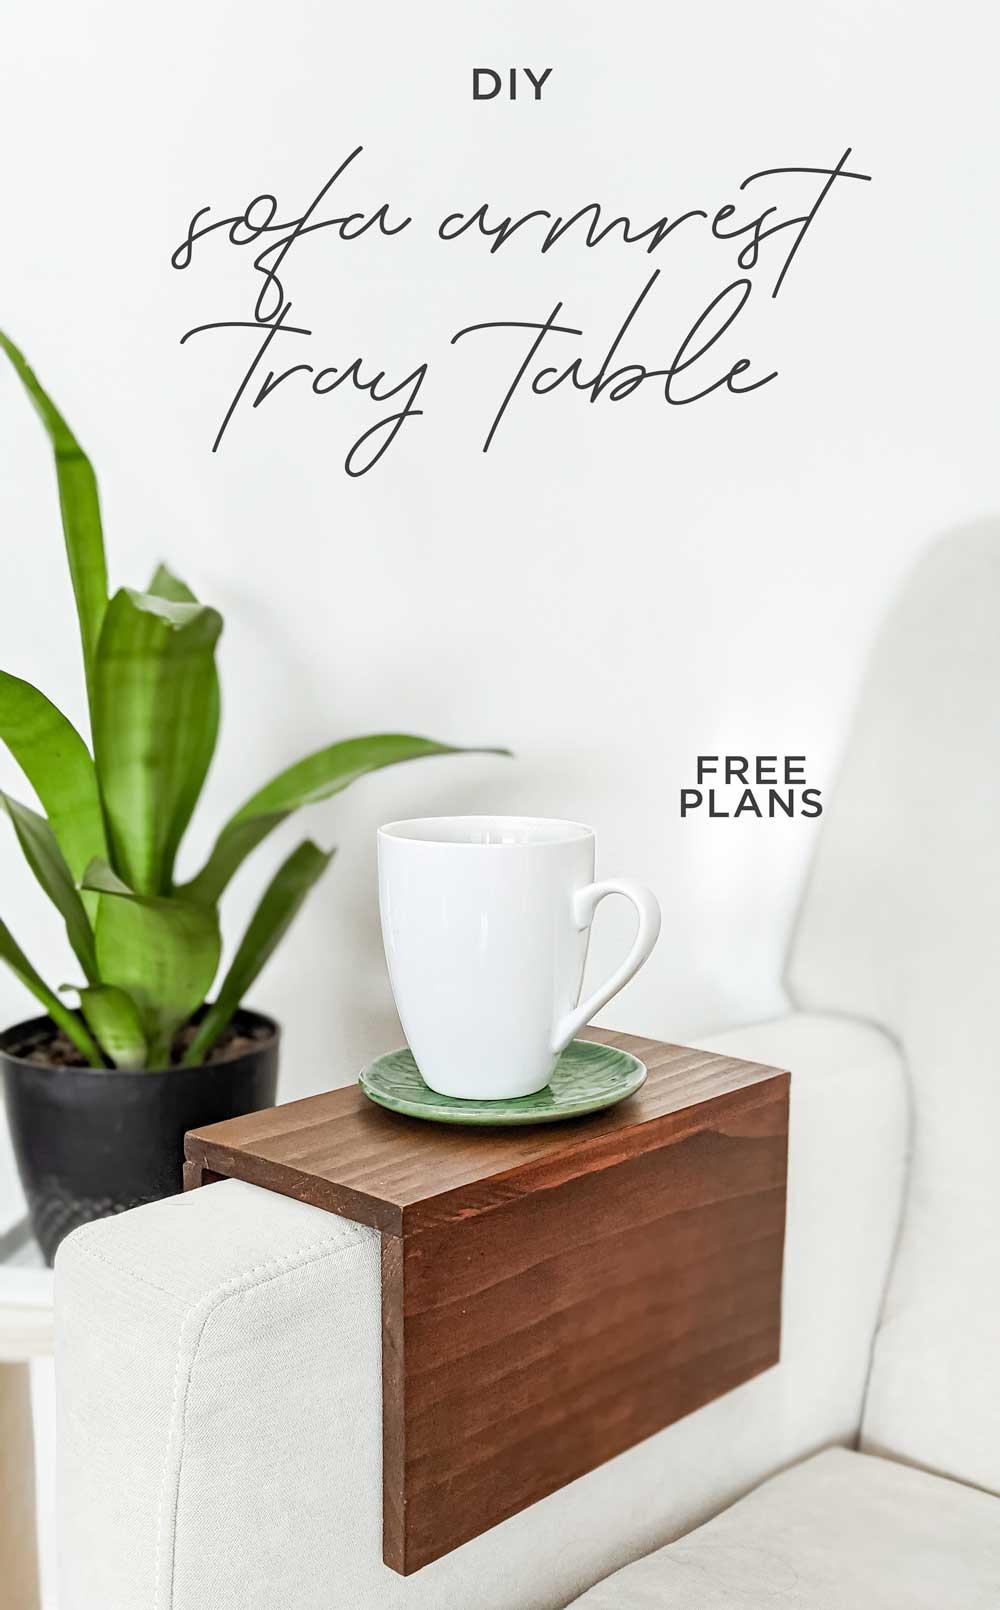 diy sofa armrest tray table